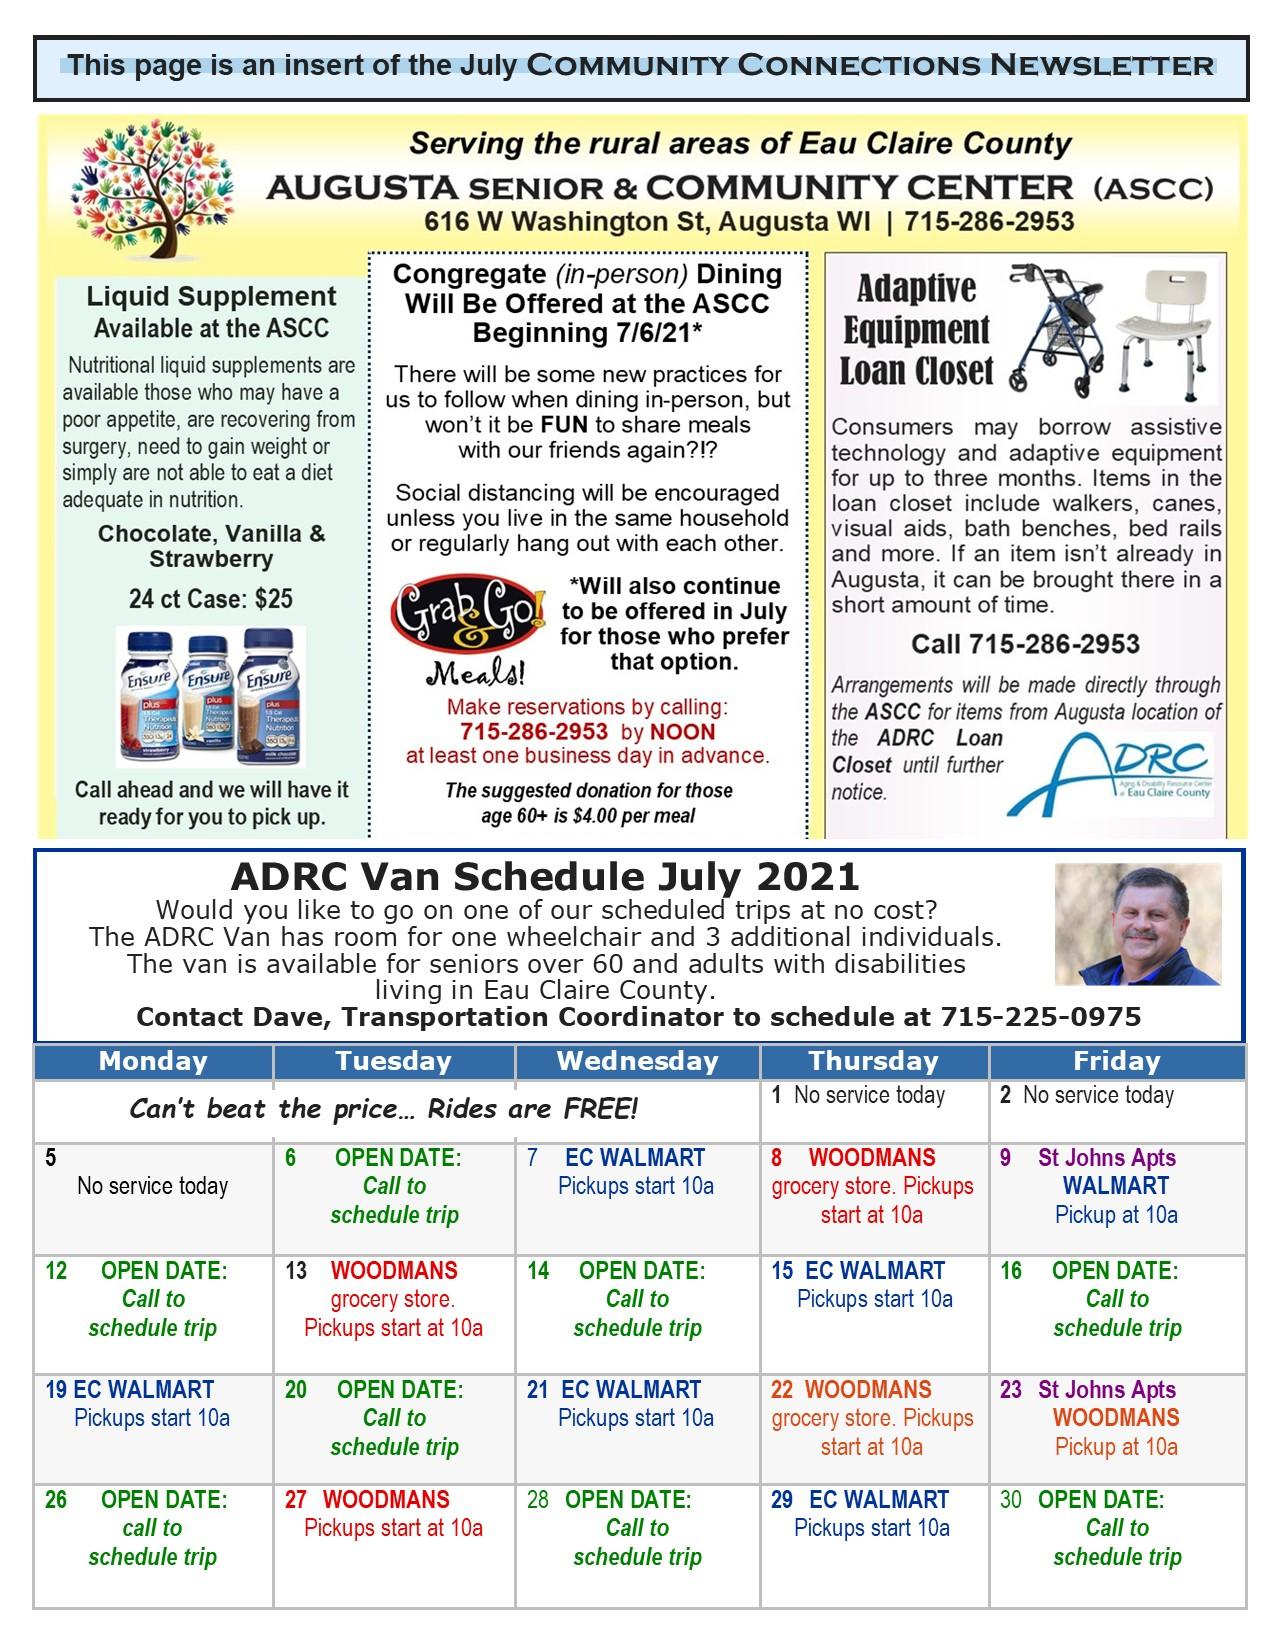 7-21-2021 ADRC FULL PG 2